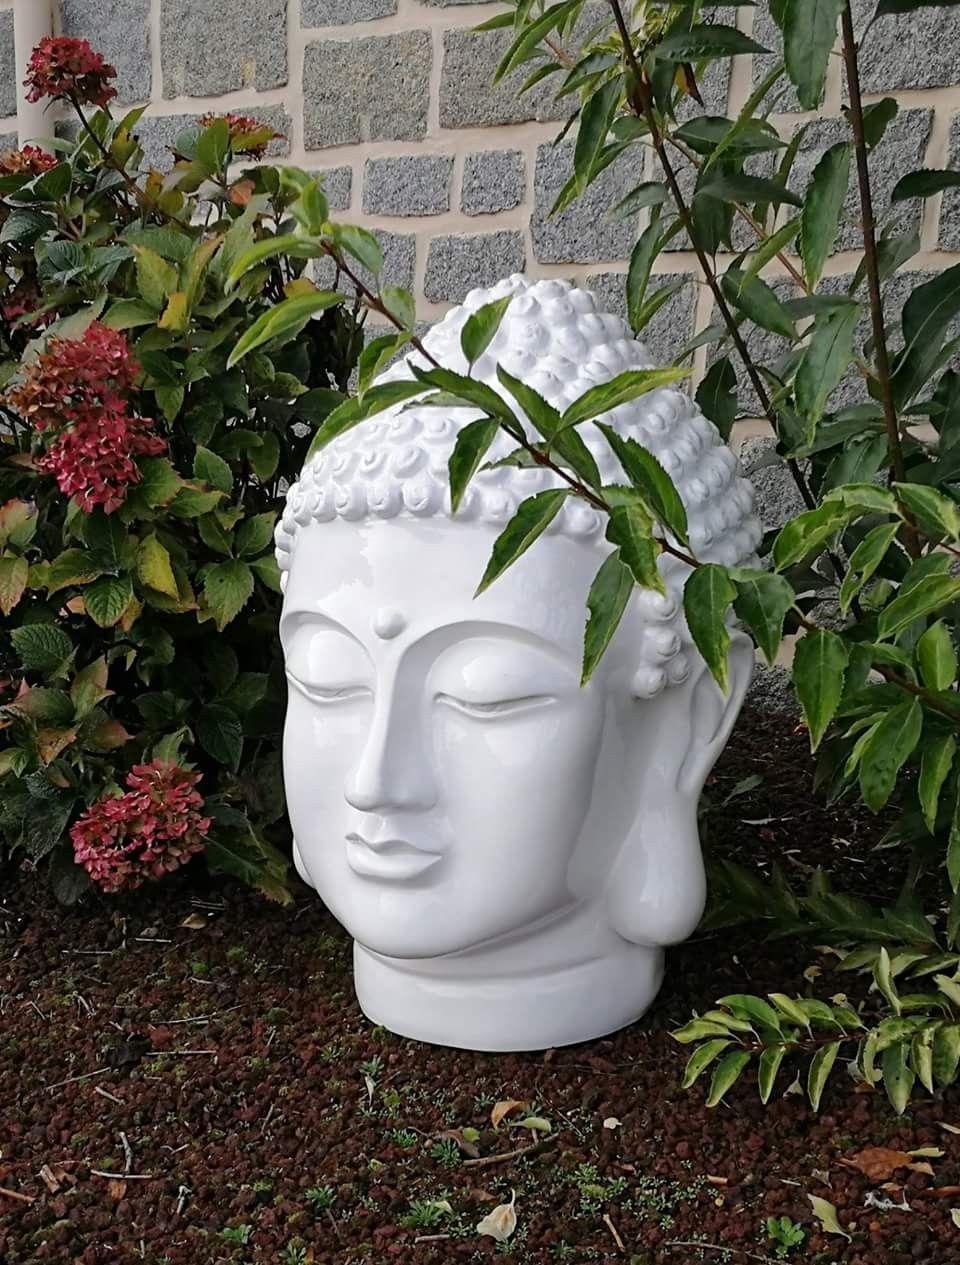 Objet Déco : Tête De Bouddha Blanche En Polyrésine Pour ... à Objets Decoration Jardin Exterieur